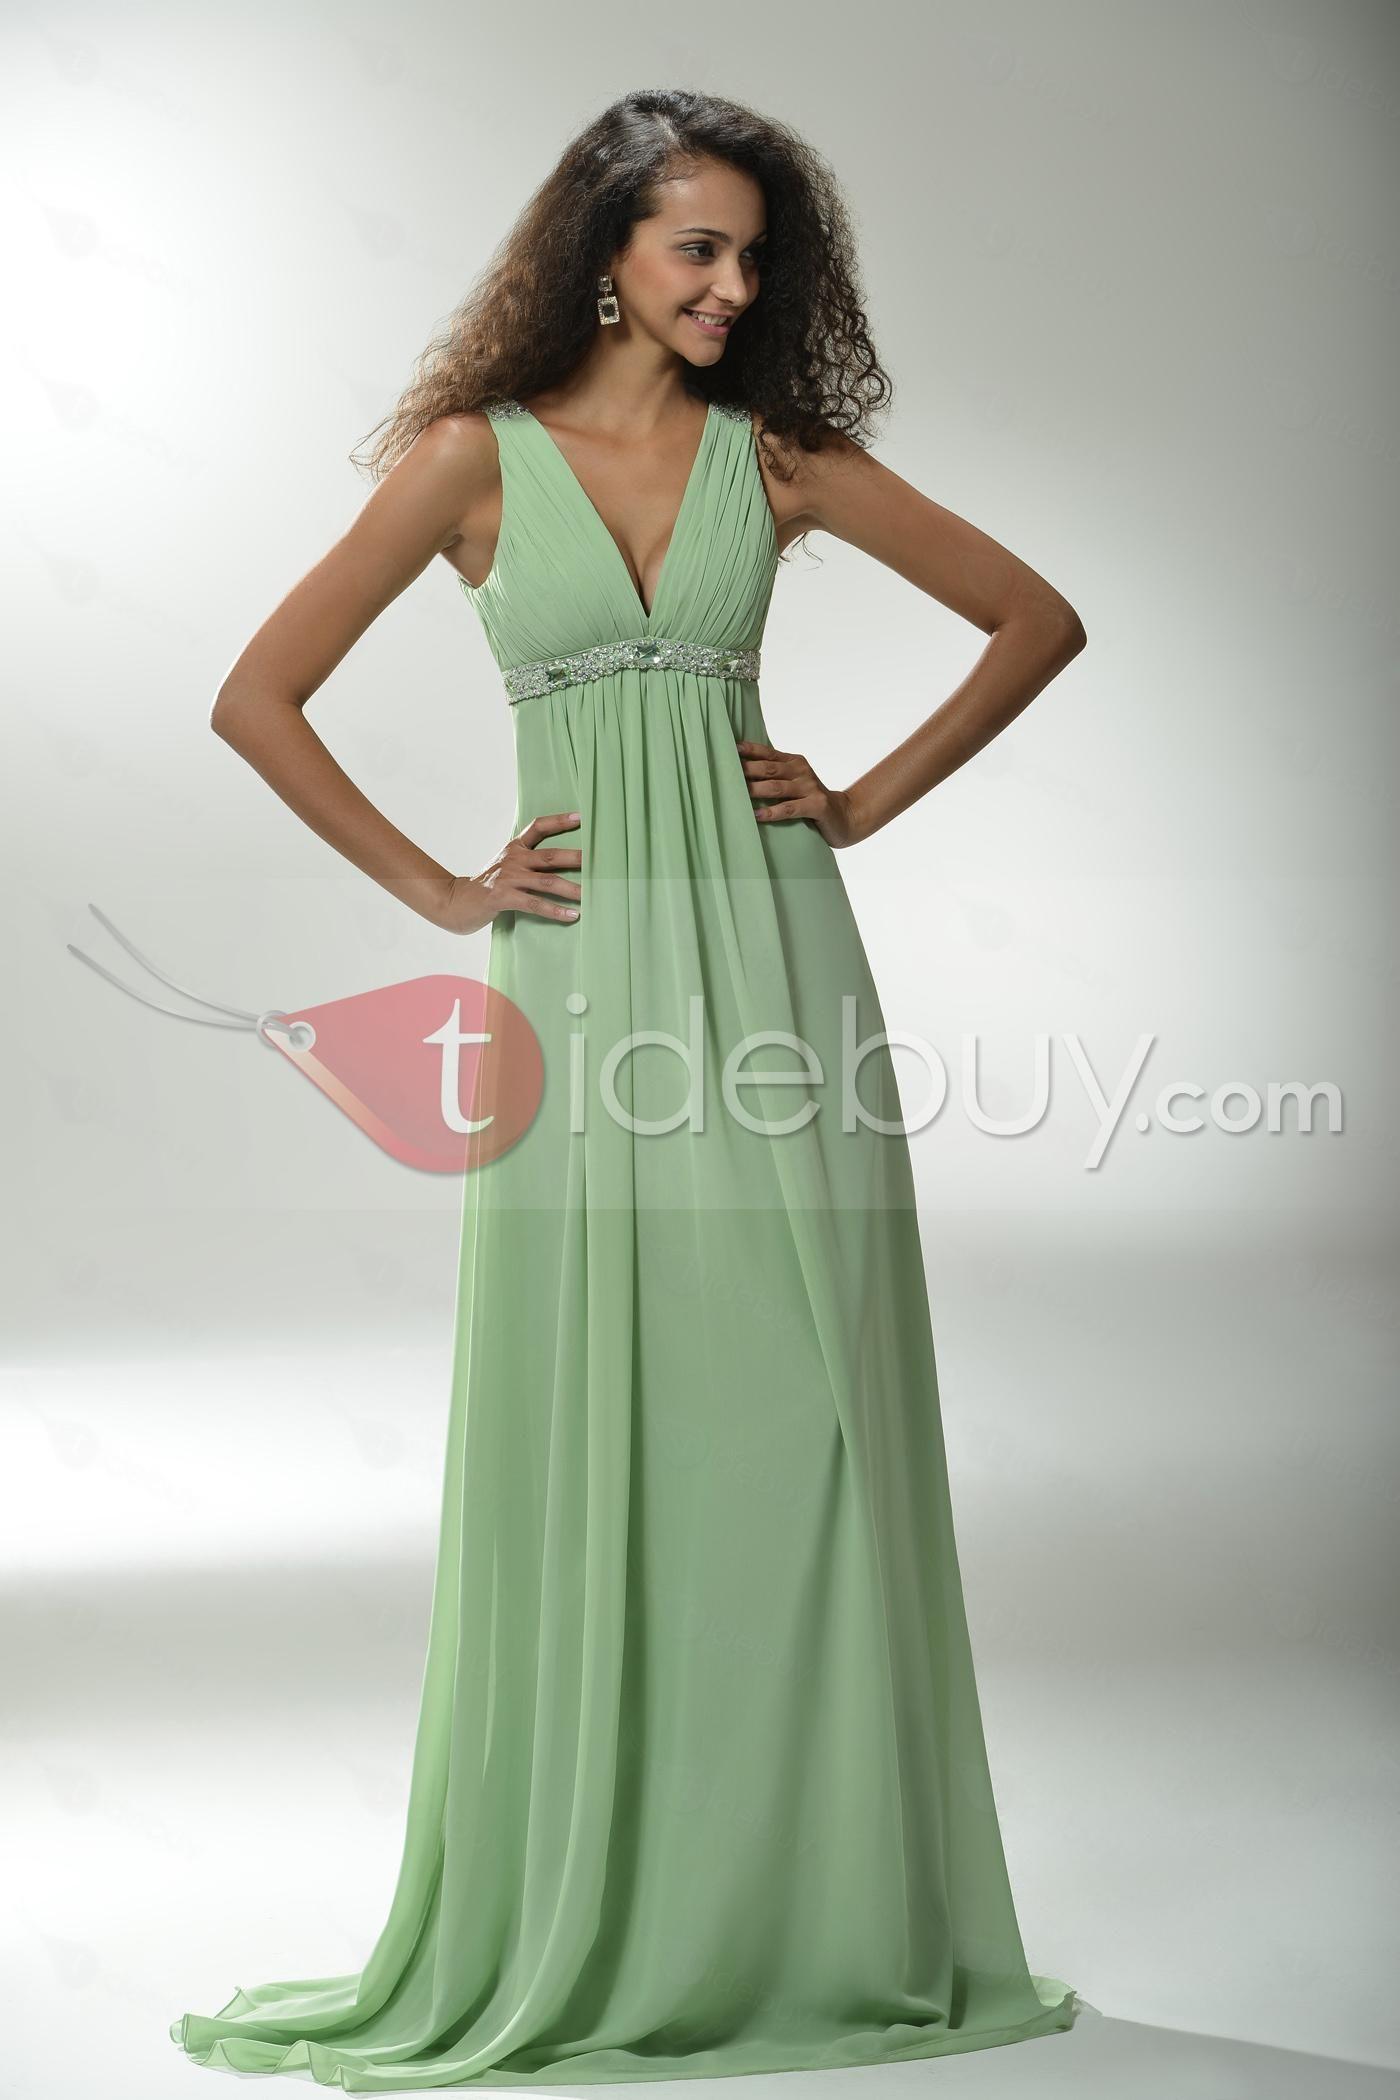 優雅なAライン床長さVネックプロム/イブニング·ドレス